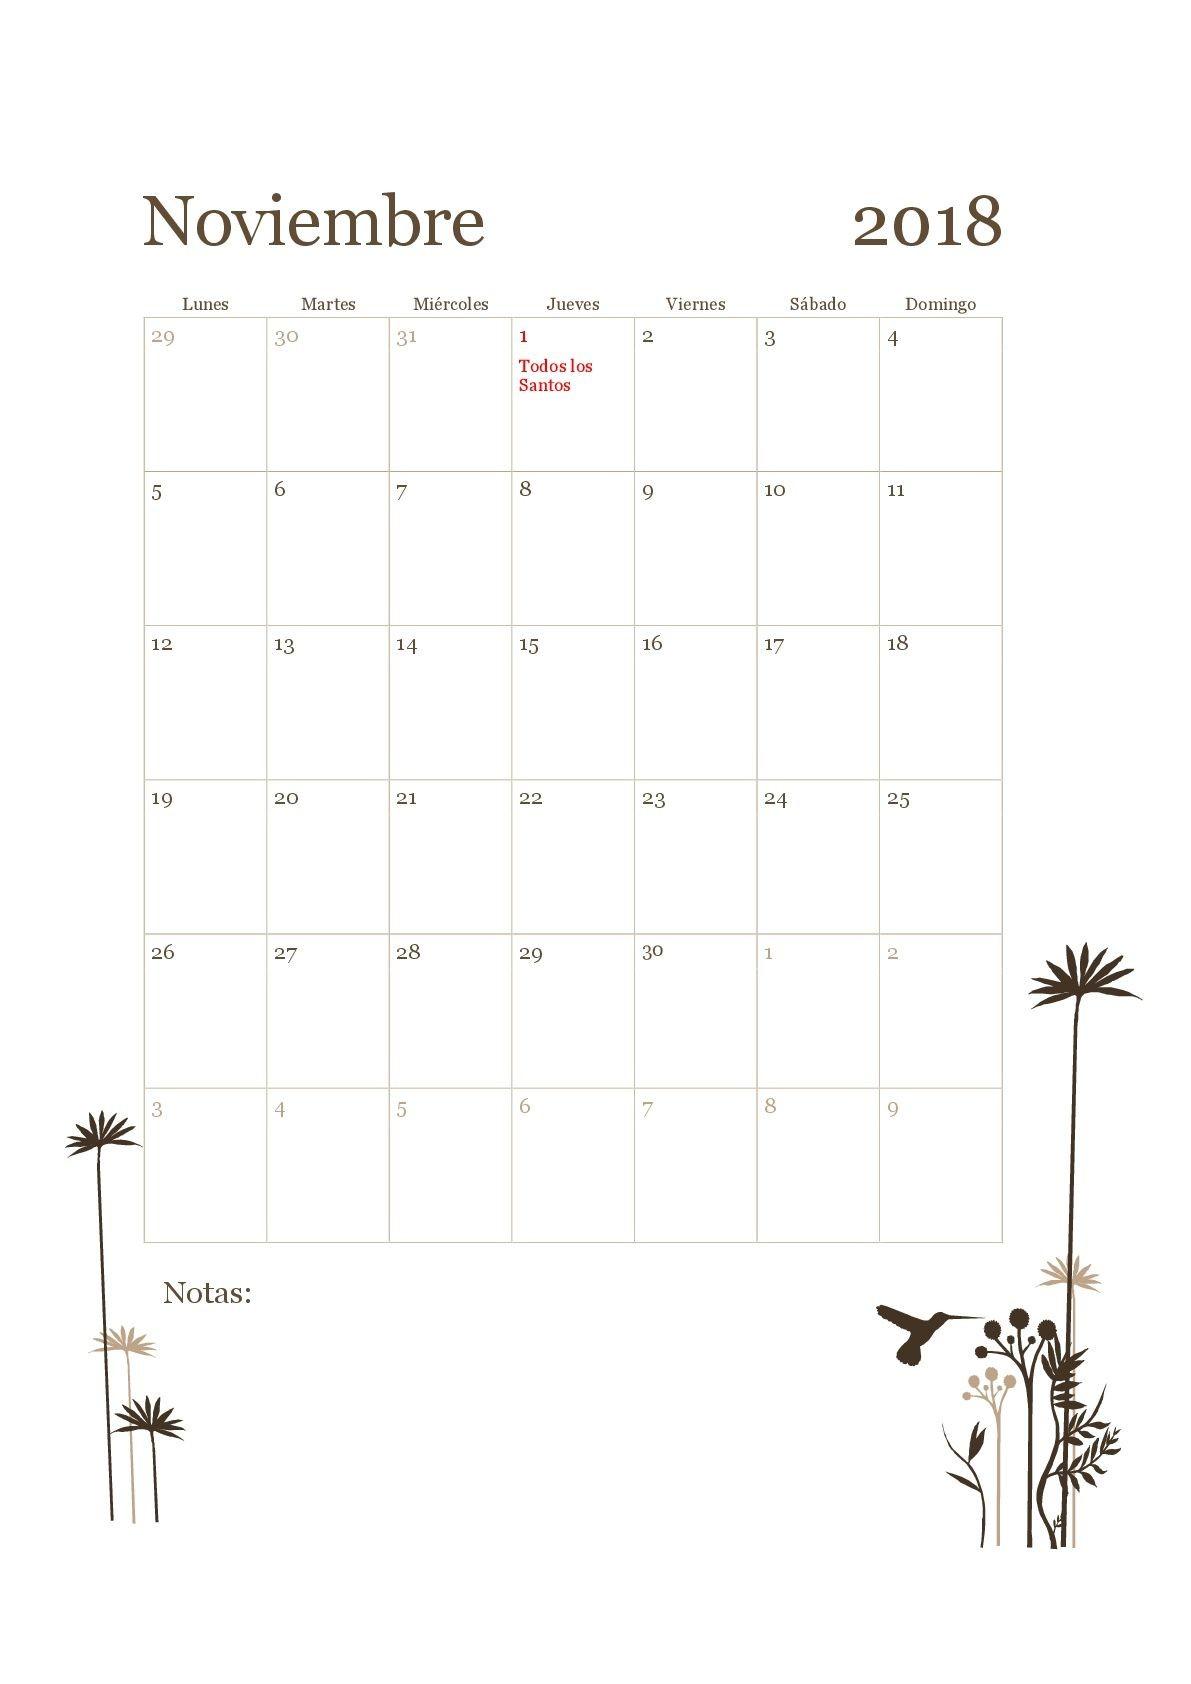 Calendario 2019 Festivos Más Populares Mejores 13 Imágenes De Calendario Laboral Registro Empleados En Of Calendario 2019 Festivos Más Reciente Calendario Laboral 2019 Publicado En El Boe